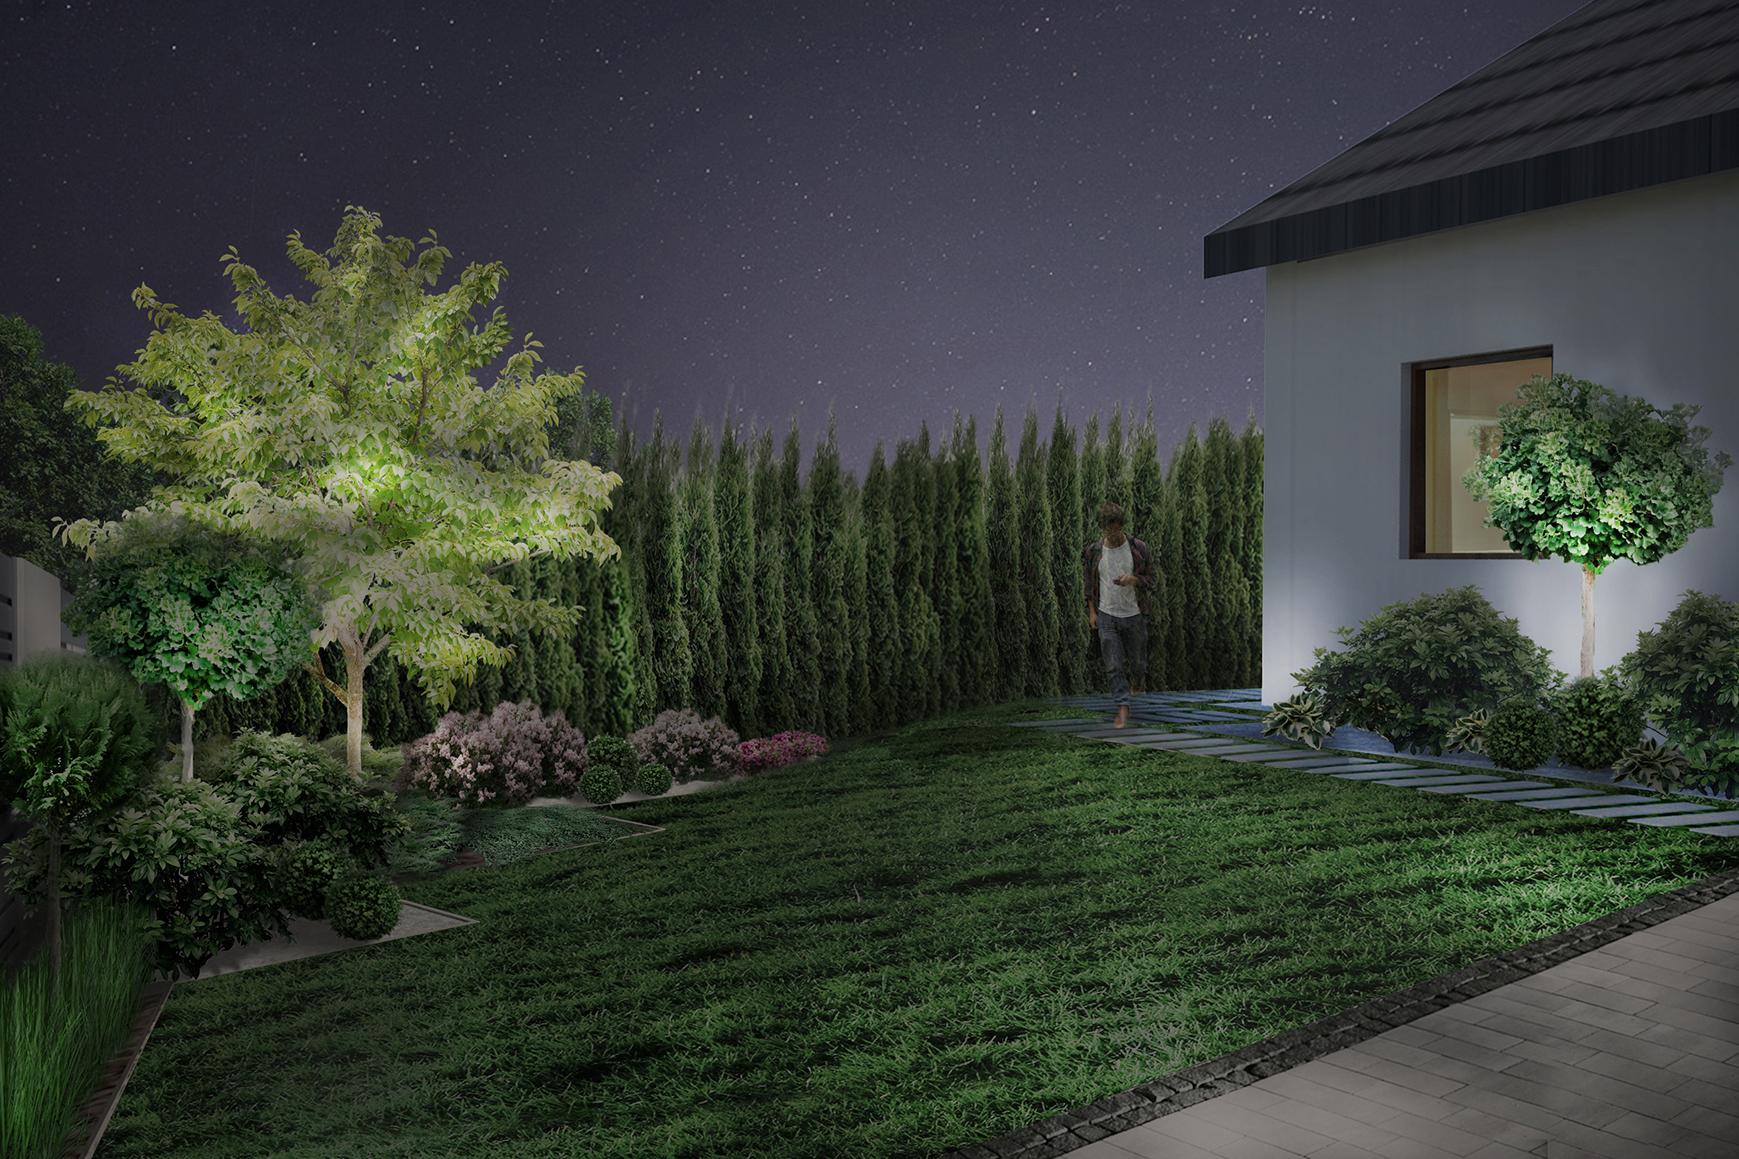 ogród geometryczny - wizualizacja oświetlenia ogrodowego